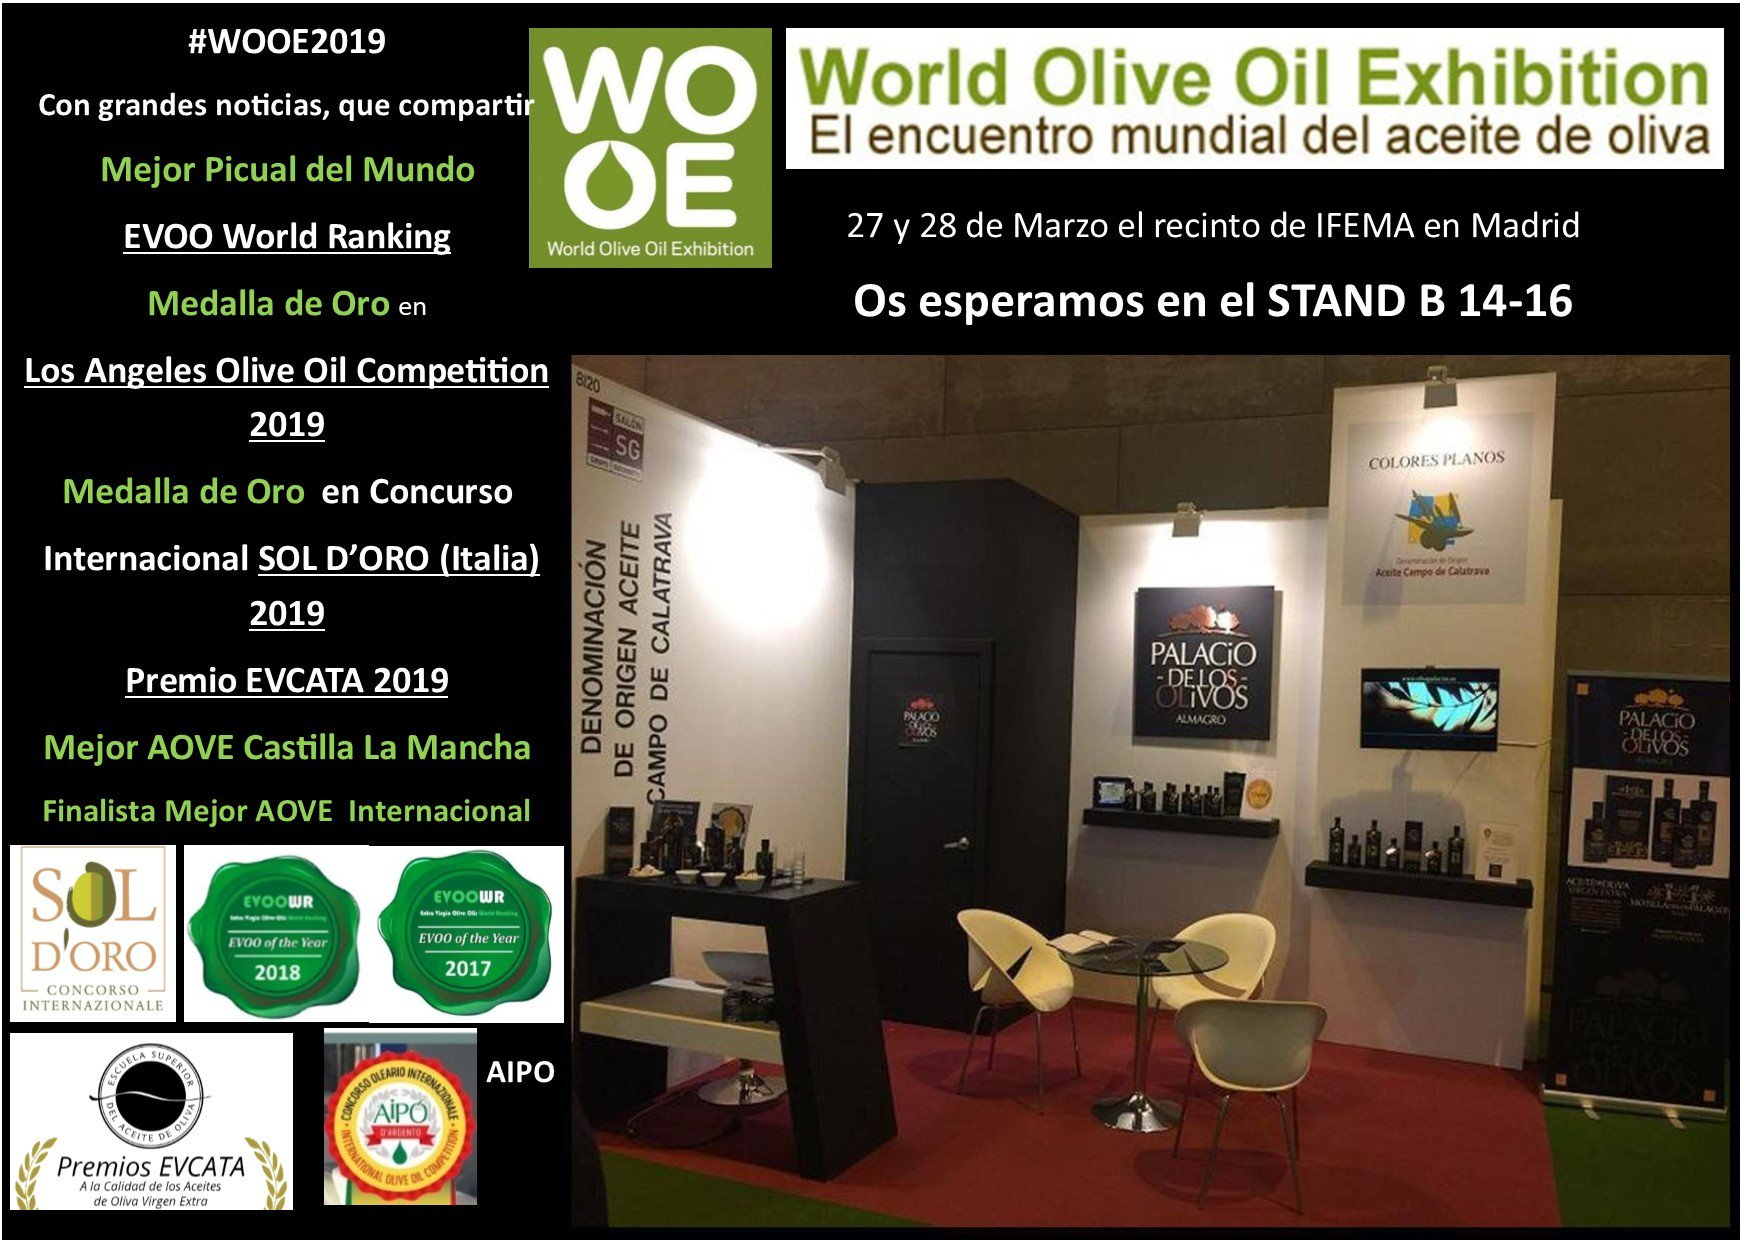 Encuentro Mundial del Aceite de Oliva el 27-28 marzo 2019